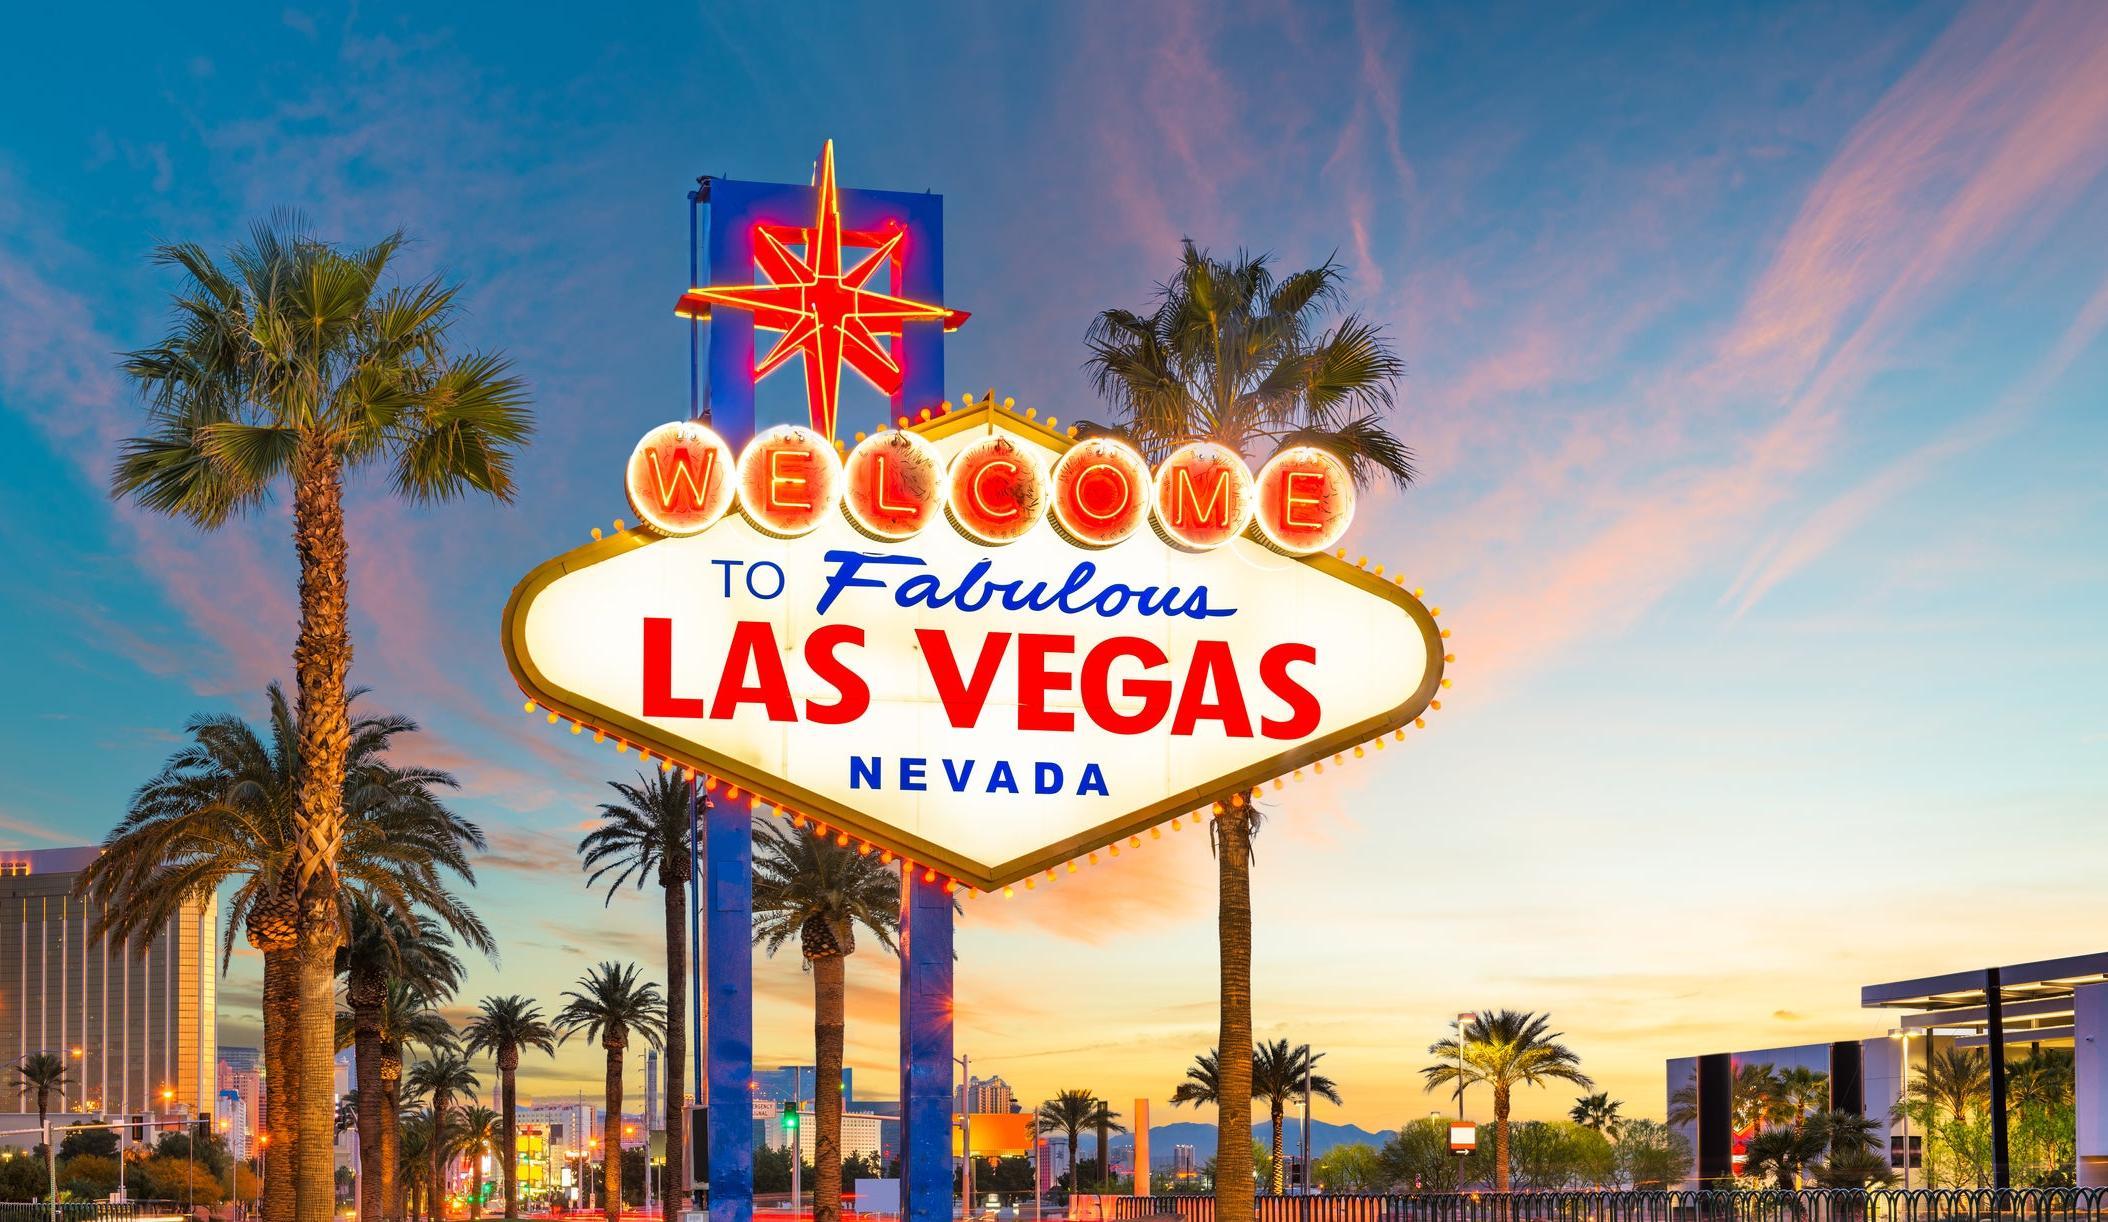 Kinh nghiệm ăn Tết ở Las Vegas bạn cần biết